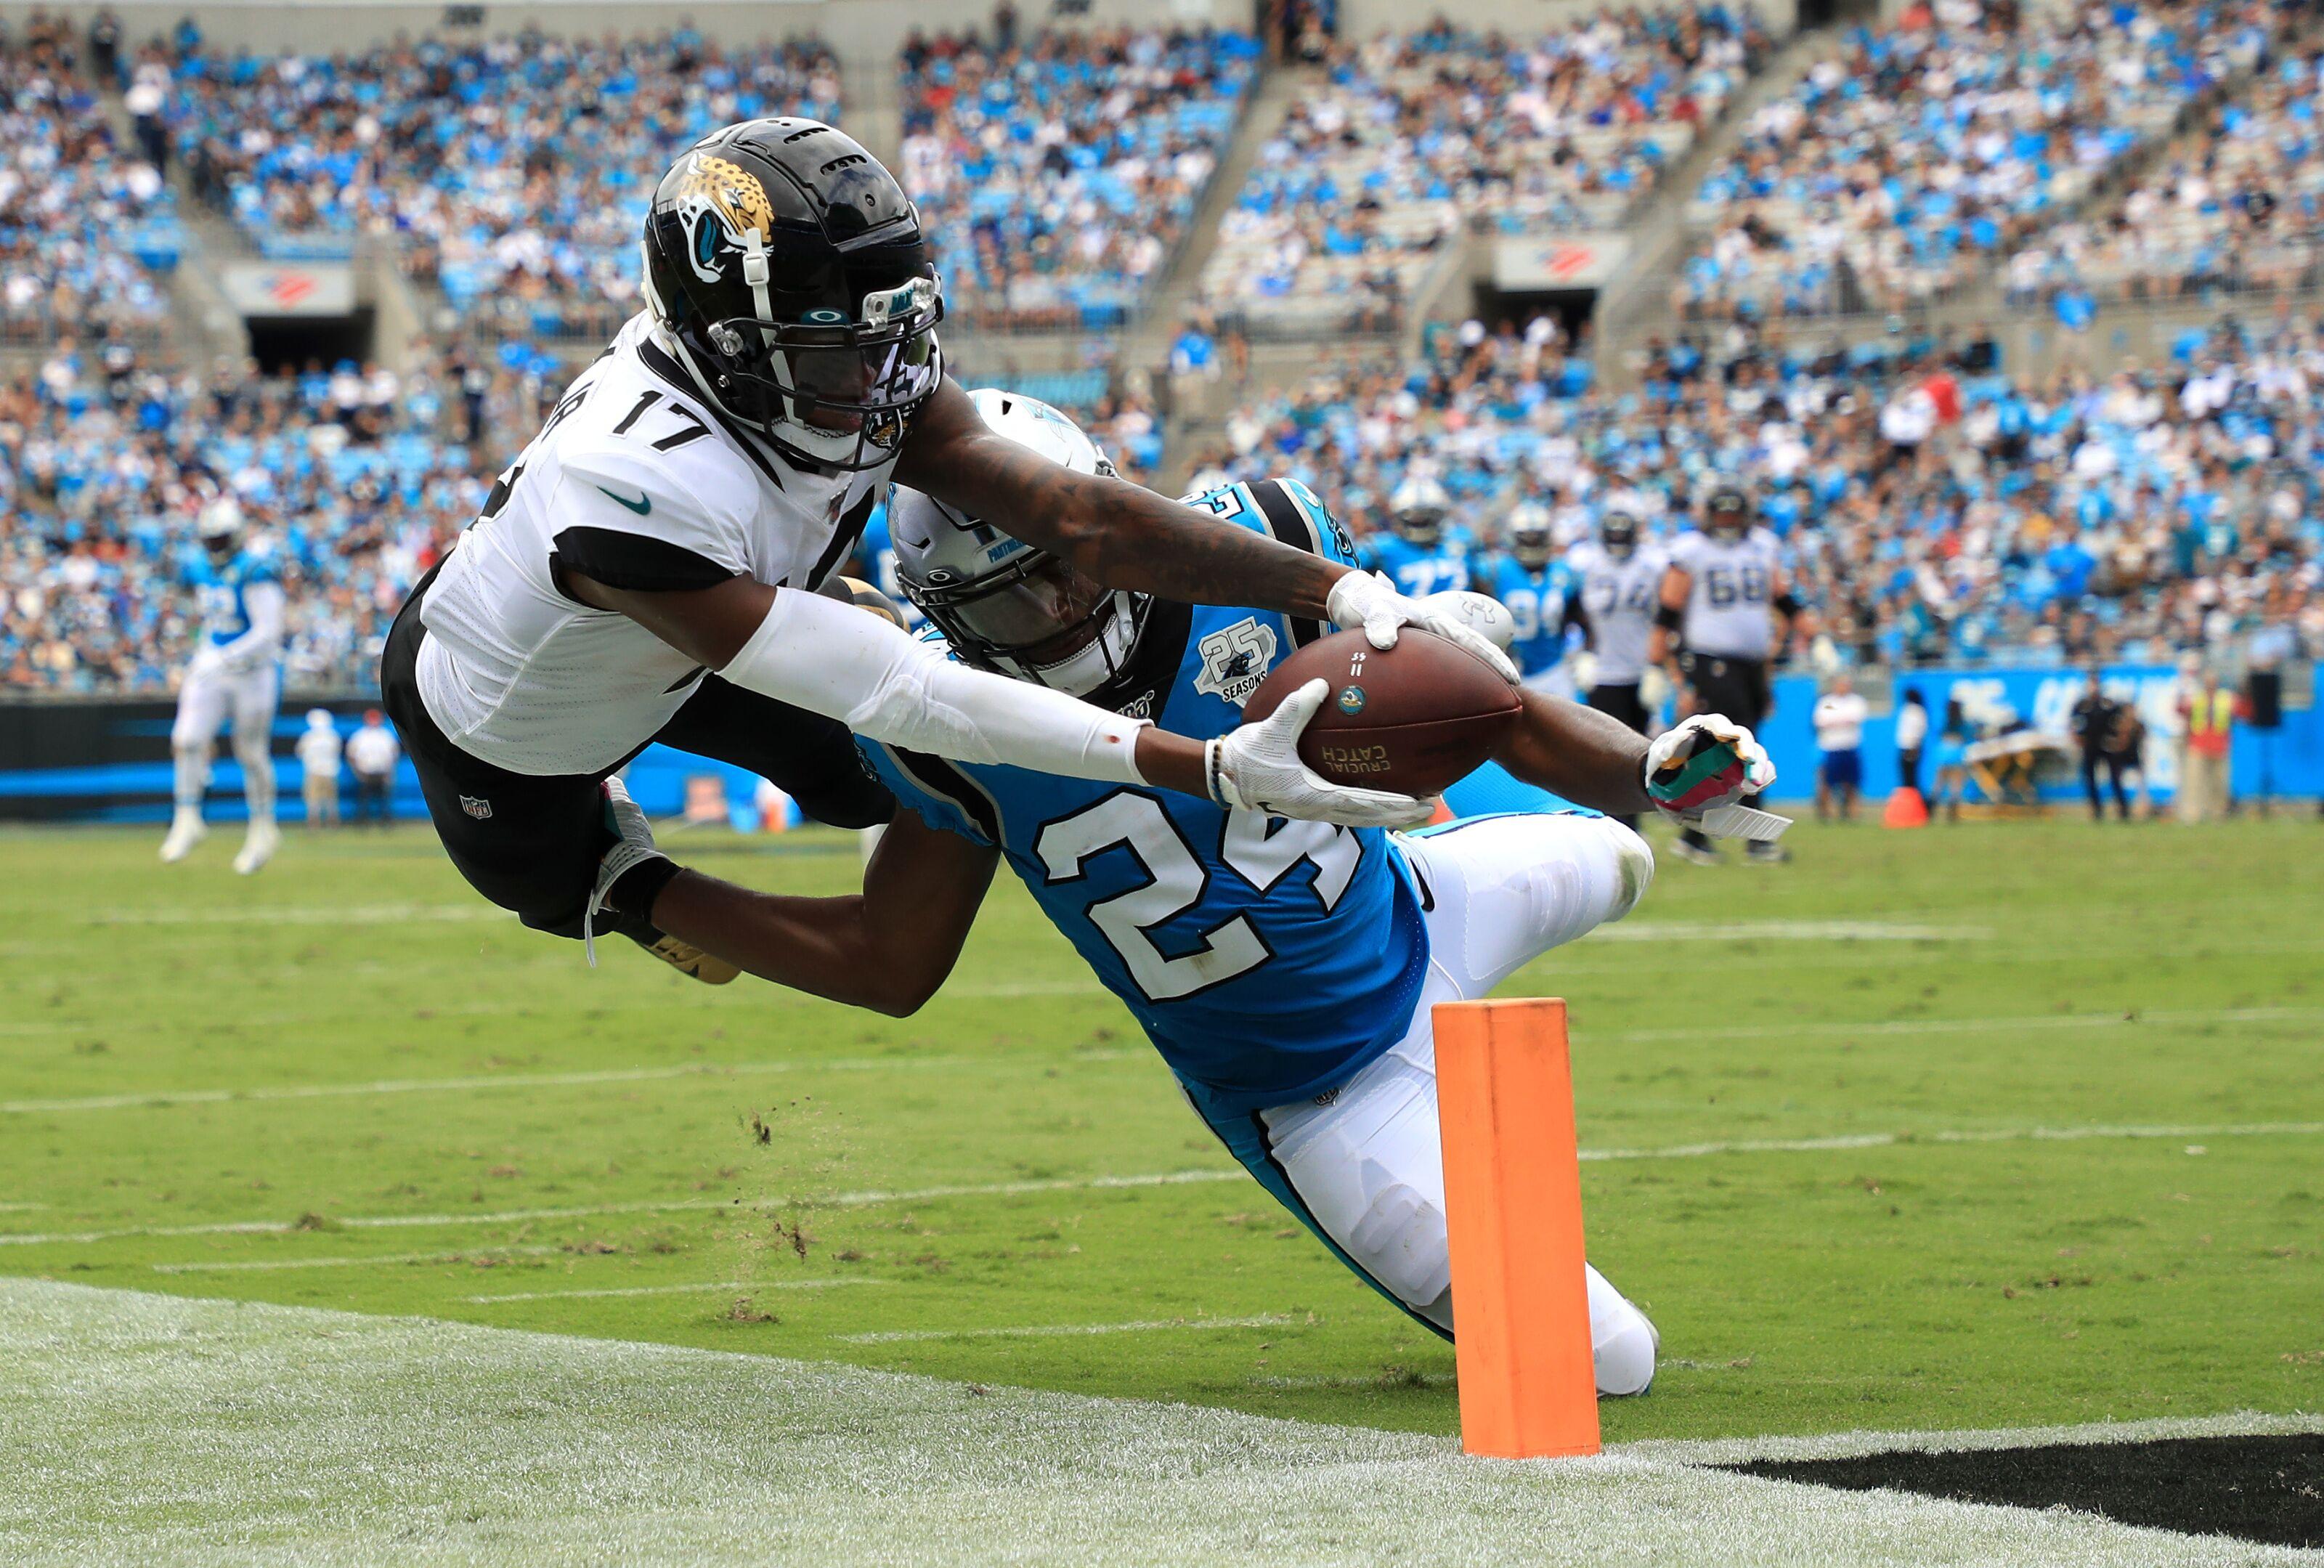 Jacksonville Jaguars: Expect another offensive shootout vs. Saints